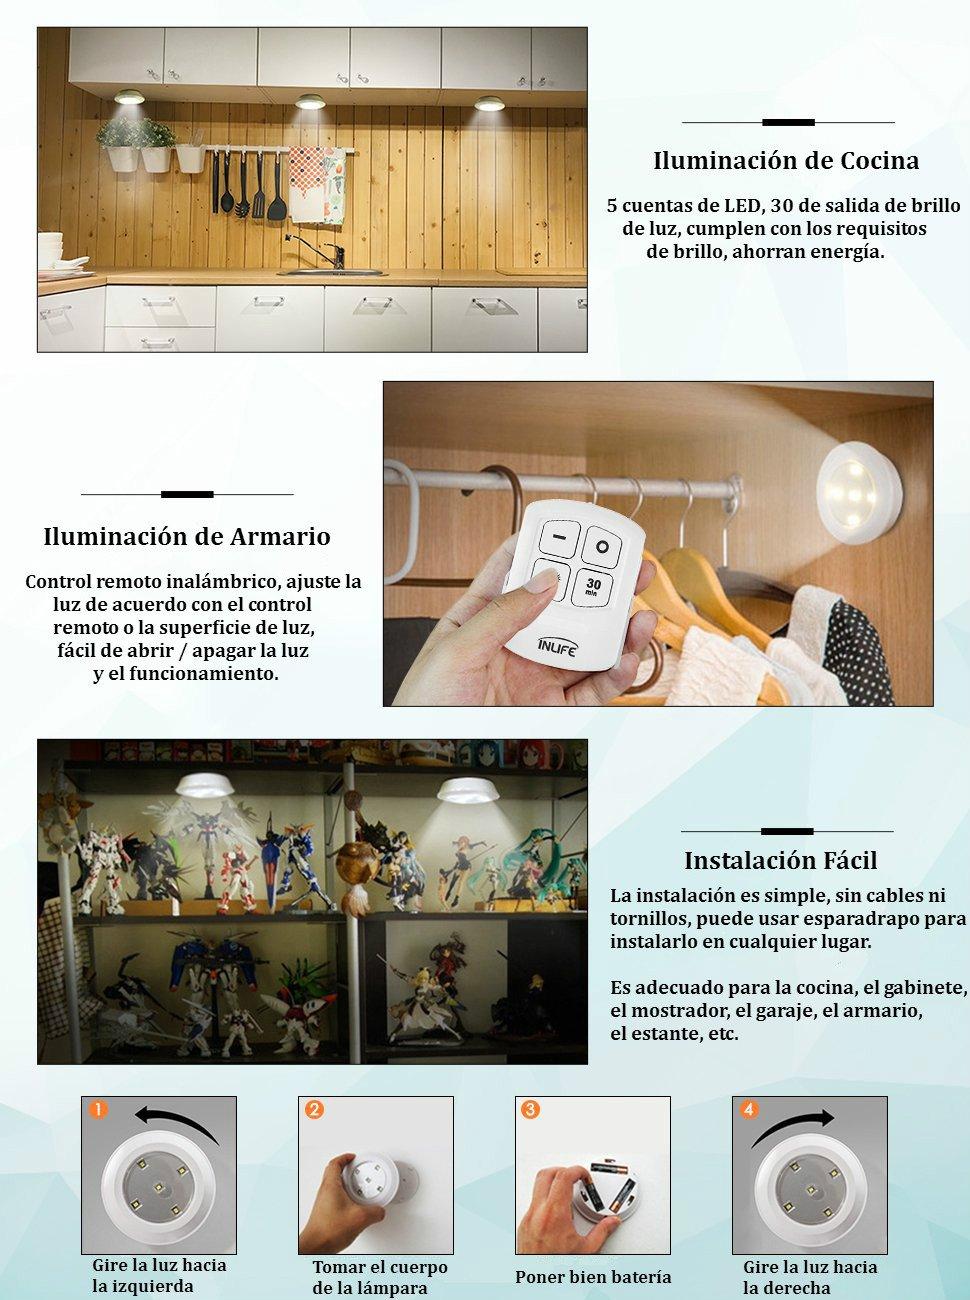 Inlife luz de armario iluminaci n de cocina pack de 6 - Luces led a pilas para armarios ...